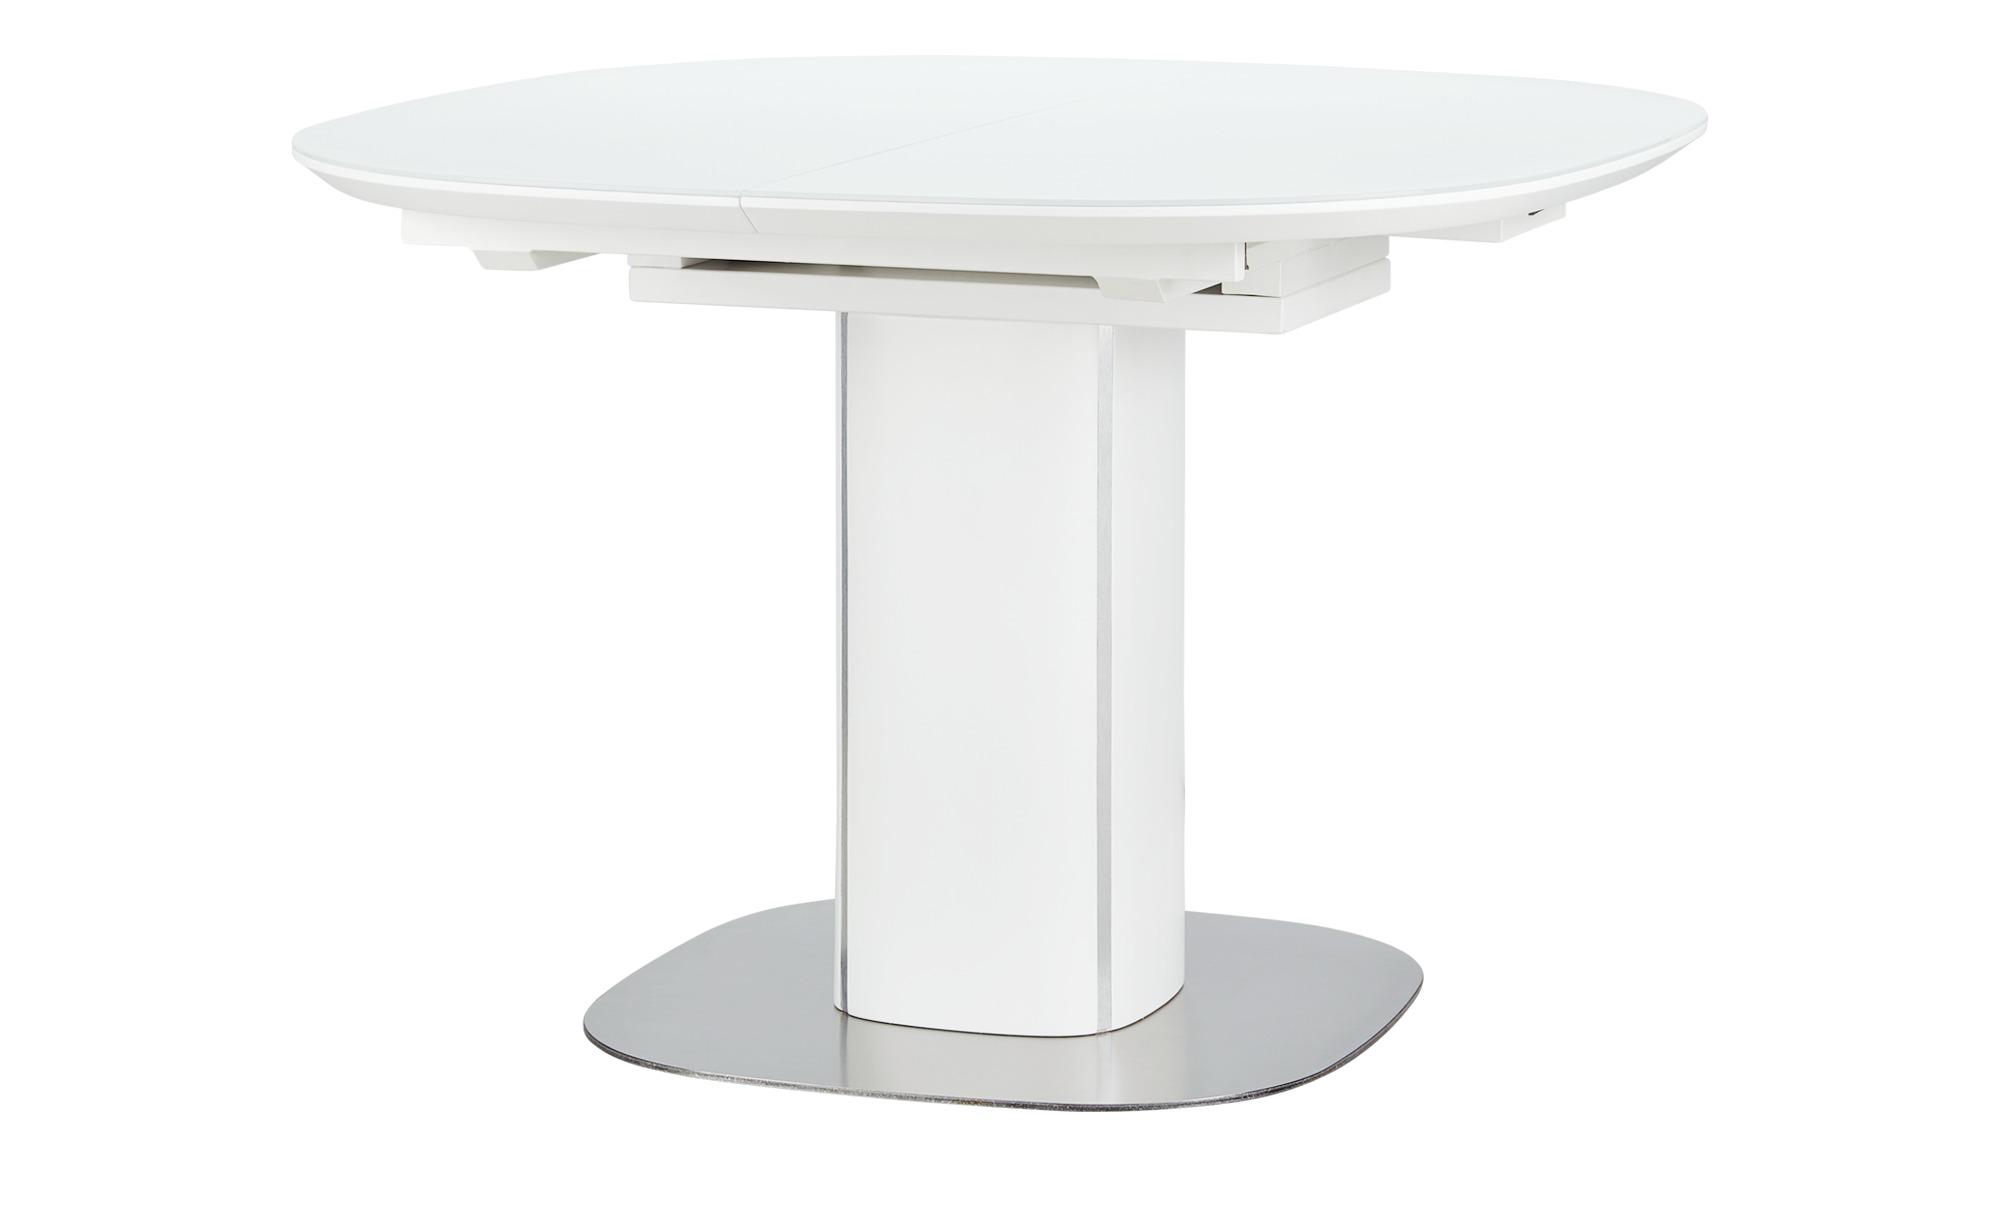 Esstisch  Dave ¦ weiß ¦ Maße (cm): H: 76,5 Ø: [110.0] Tische > Esstische > Esstische rund - Höffner